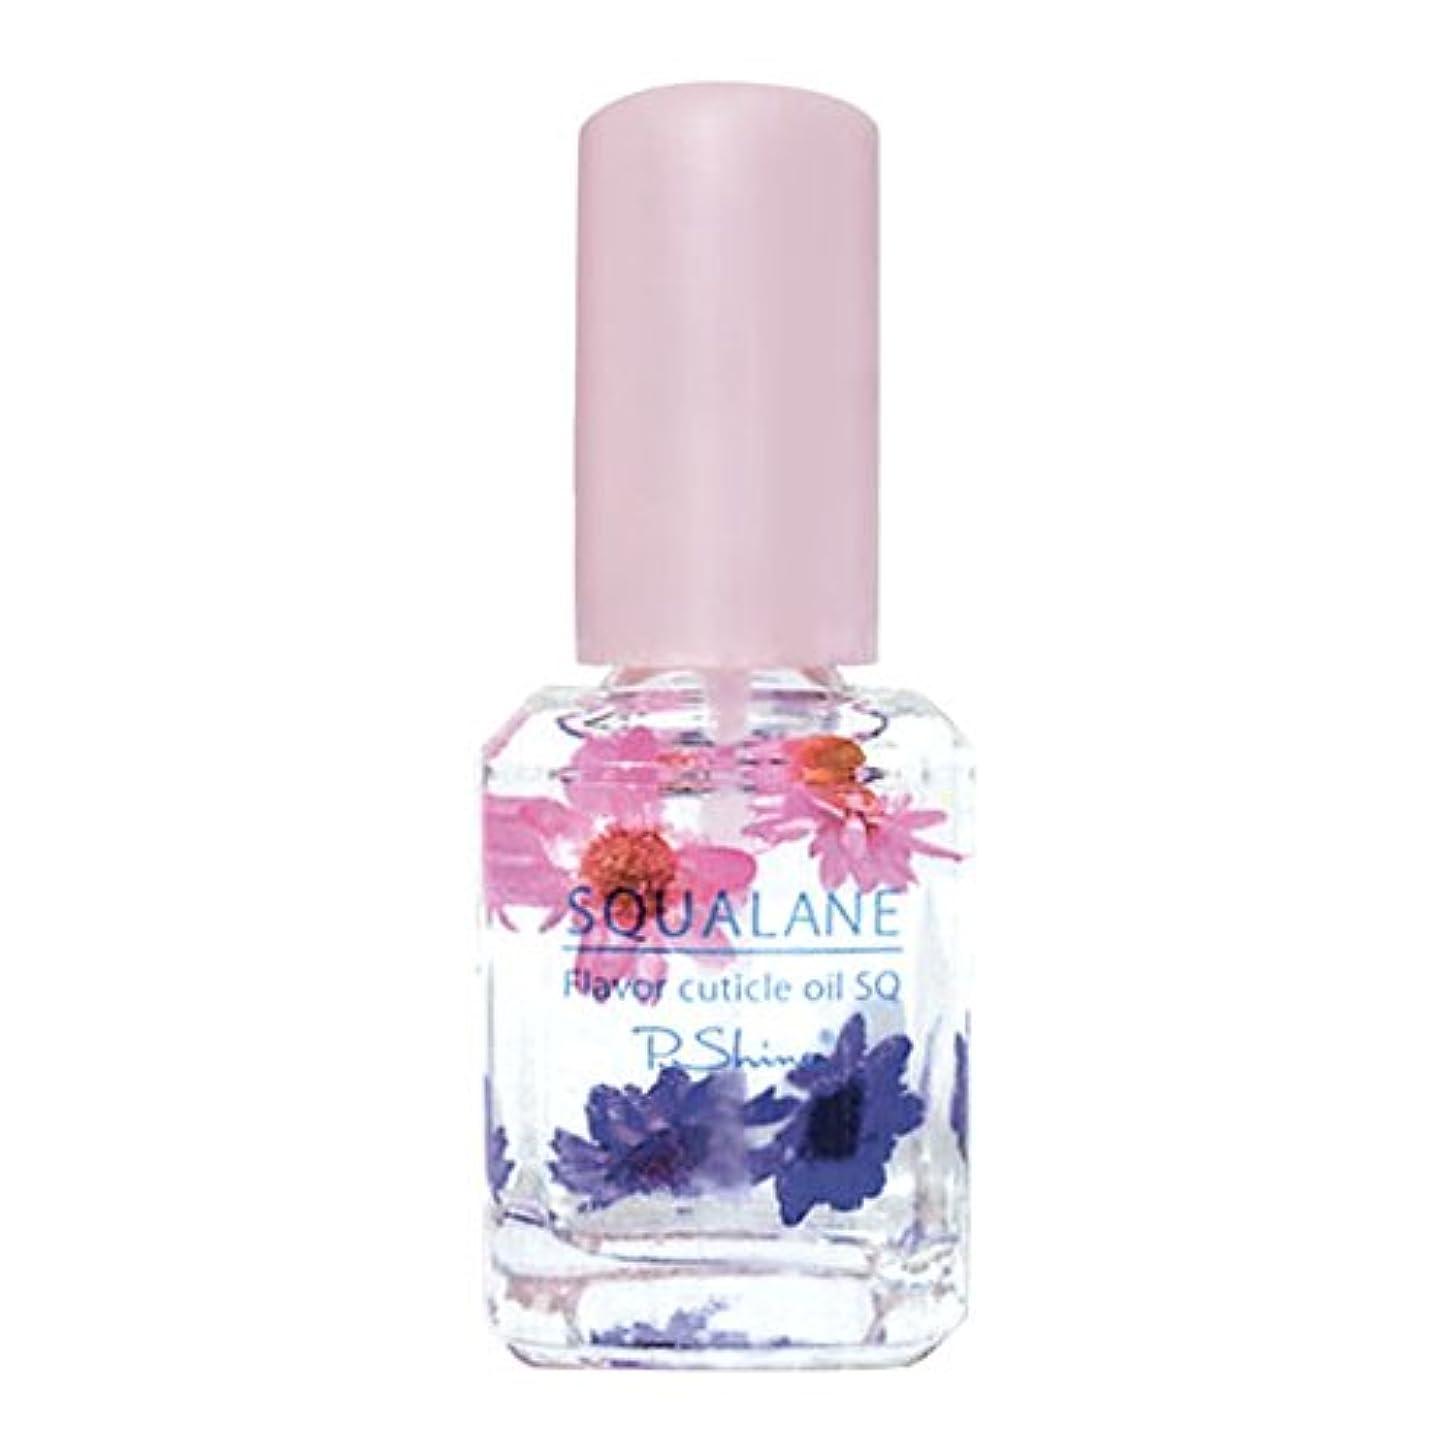 特別なペチュランスクルーズP. Shine フレーバーオイルSQ フラワーリゾート 南国の花の甘く優しい香り スクワランオイル